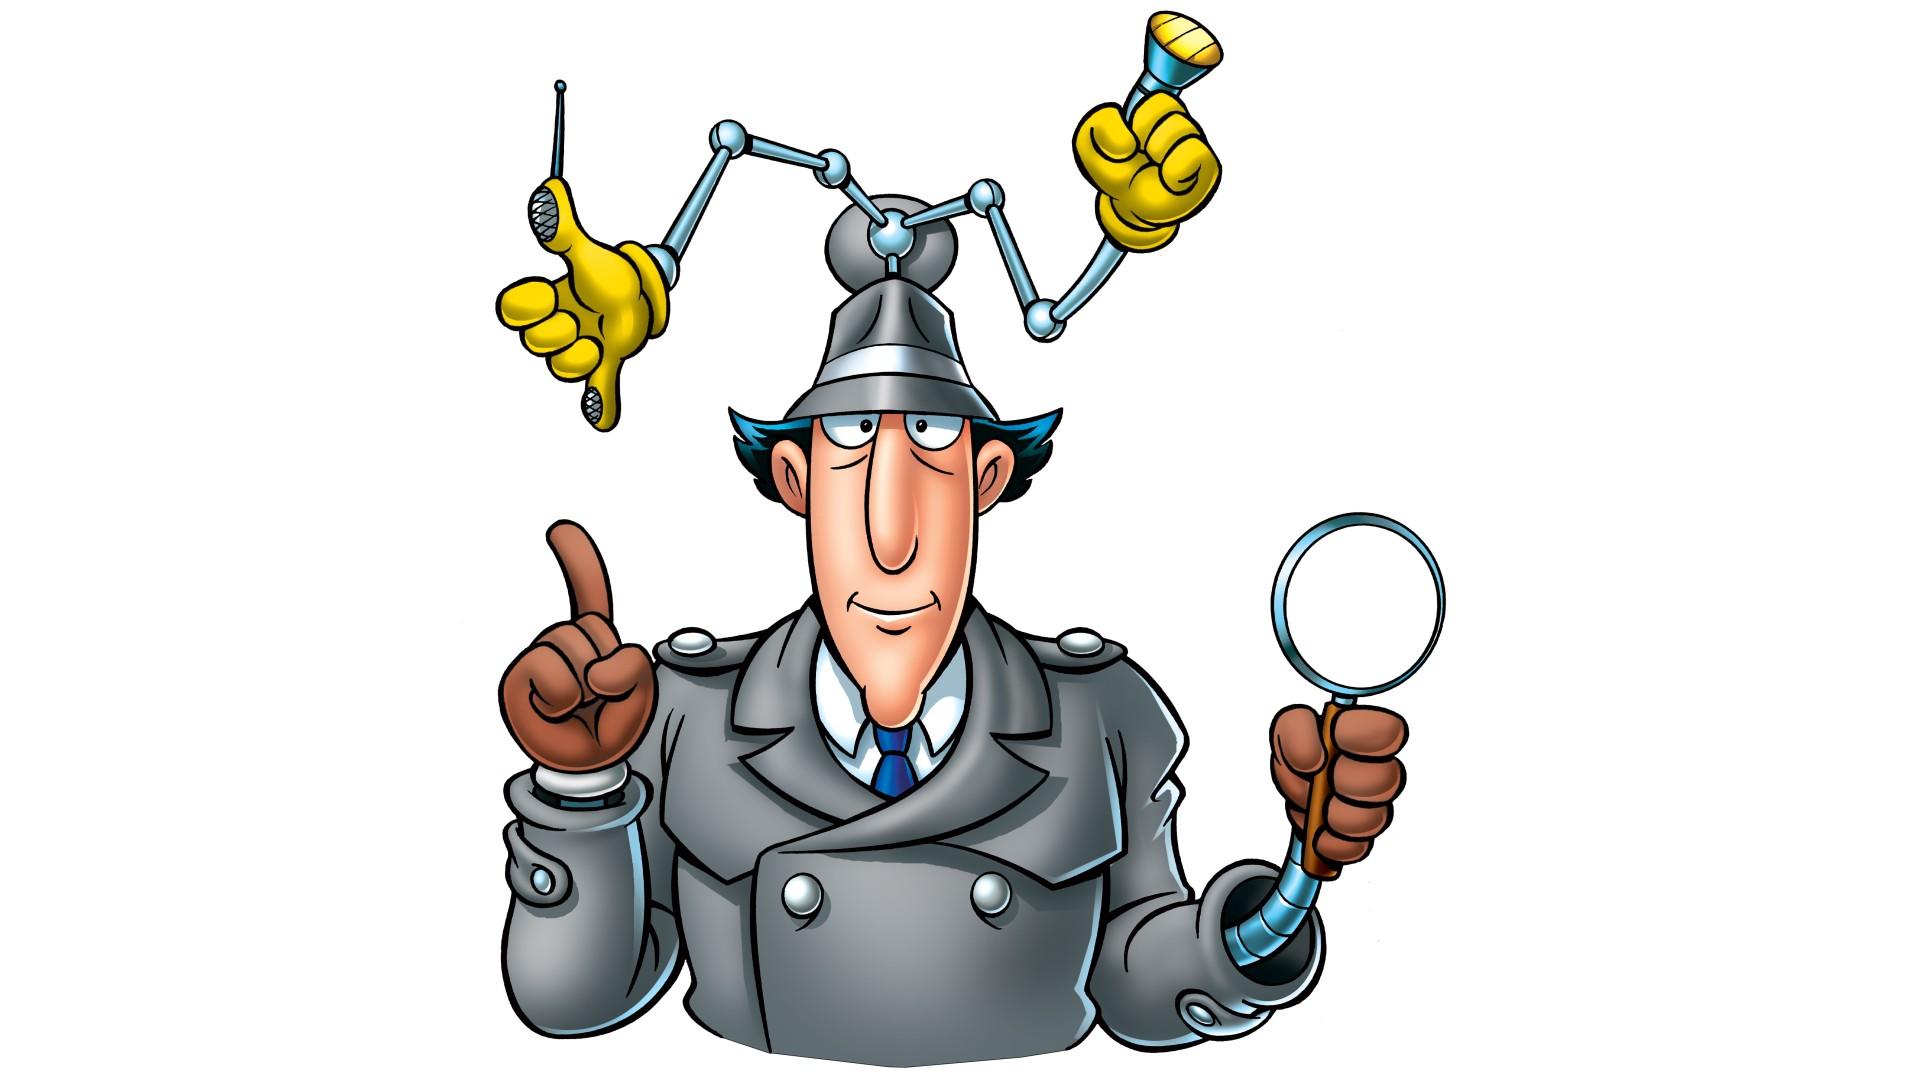 Мультик инспектор гаджет рисунки